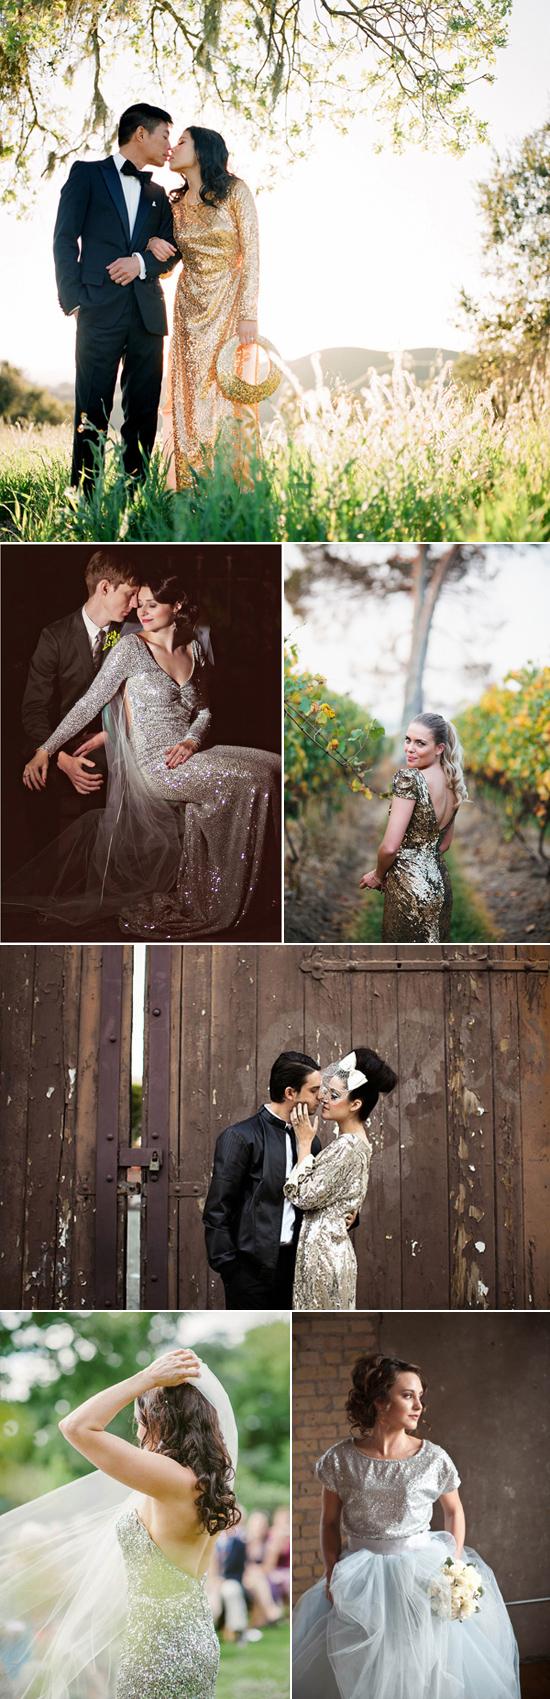 sequin wedding dress02